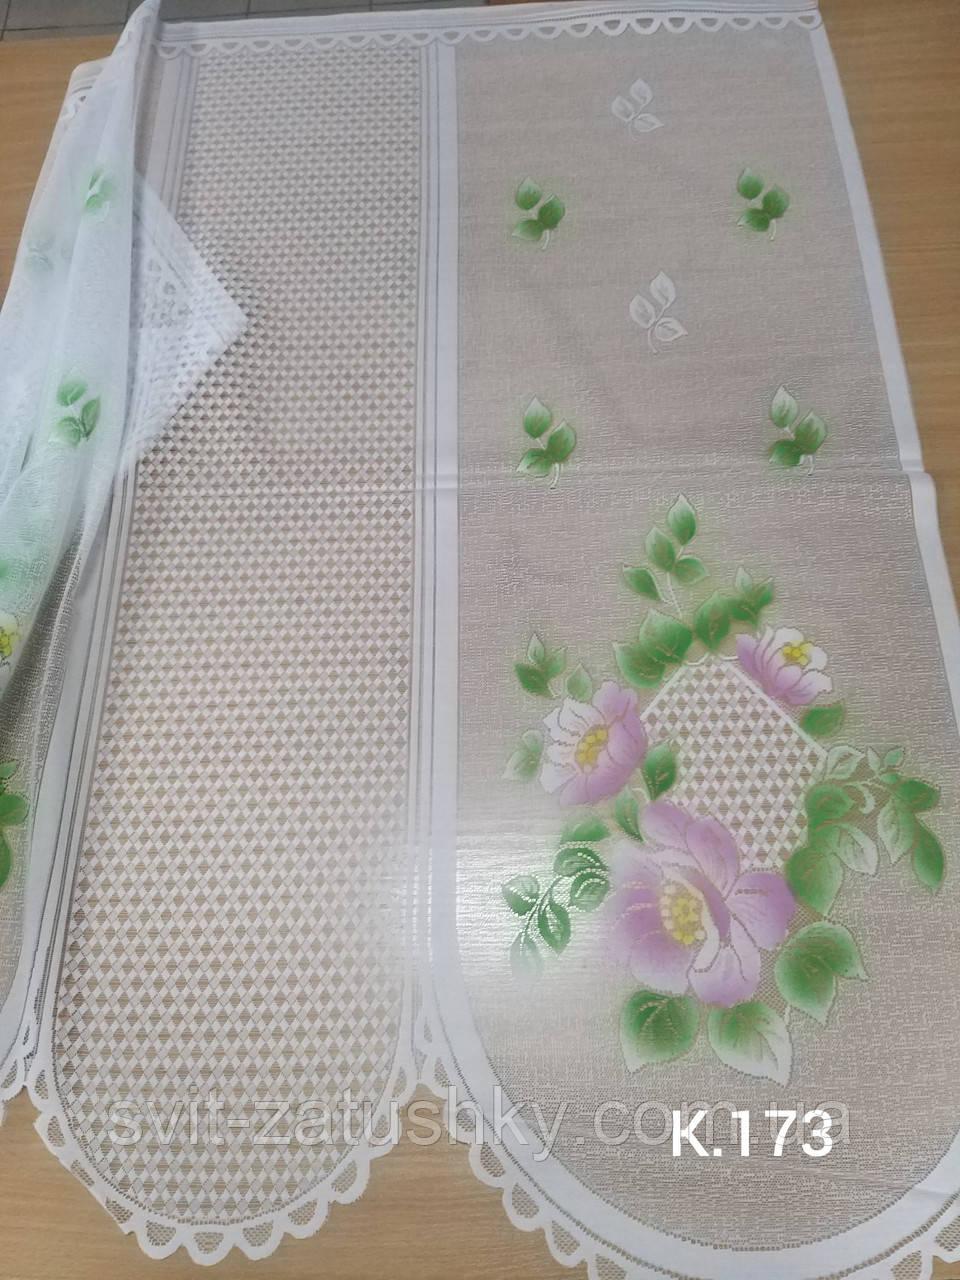 Гардина біла коротка з кольоровим узором вис 1.25 м/ Гардина белая короткая с цветным узором высота 1.25 м